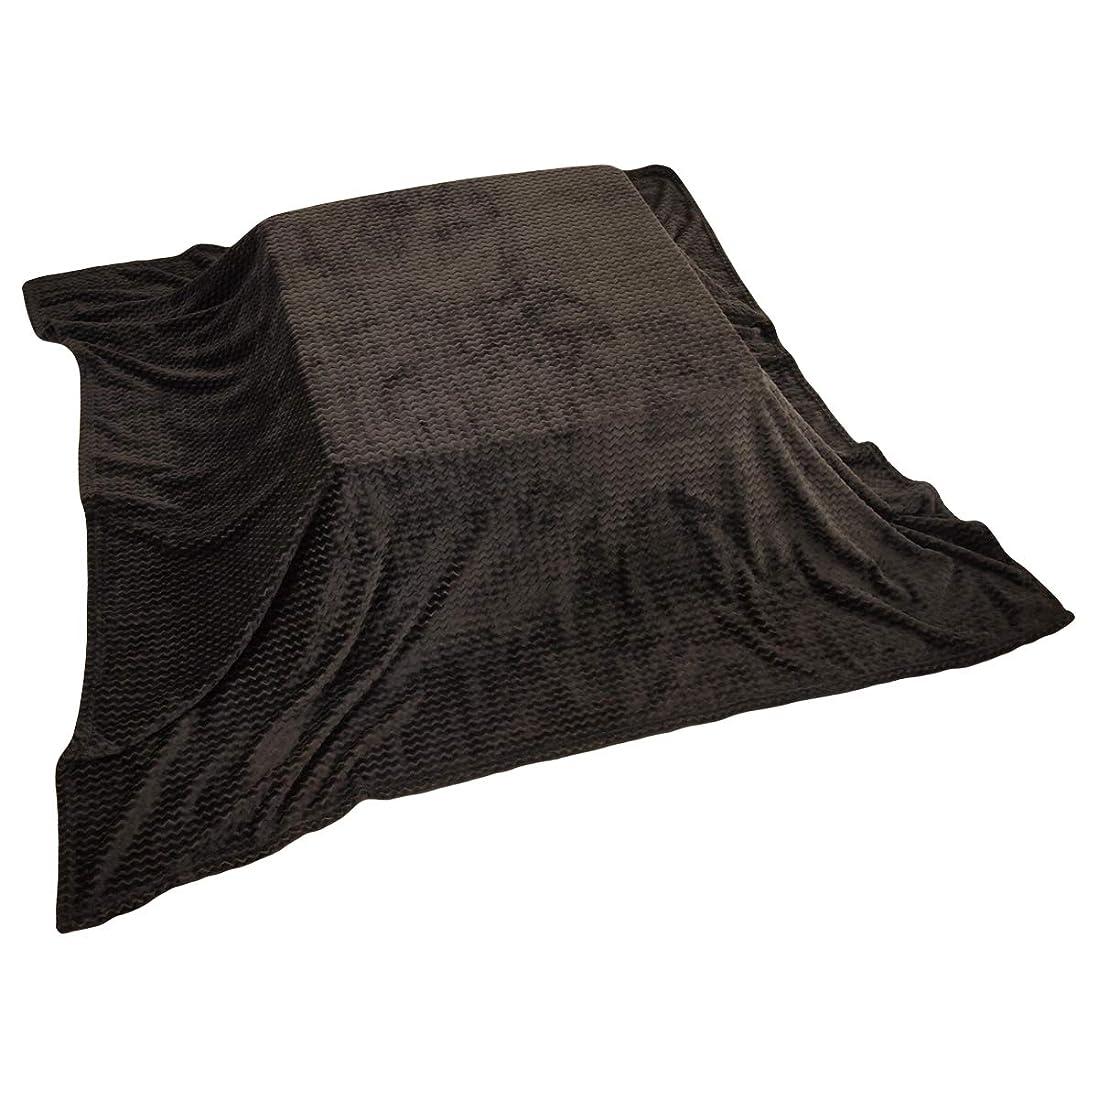 ブースト交通渋滞昼食こたつ中掛け毛布 正方形185×185cm フランネル素材 マルチカバーとしても使えます こたつ 布団 毛布 (ブラウン)